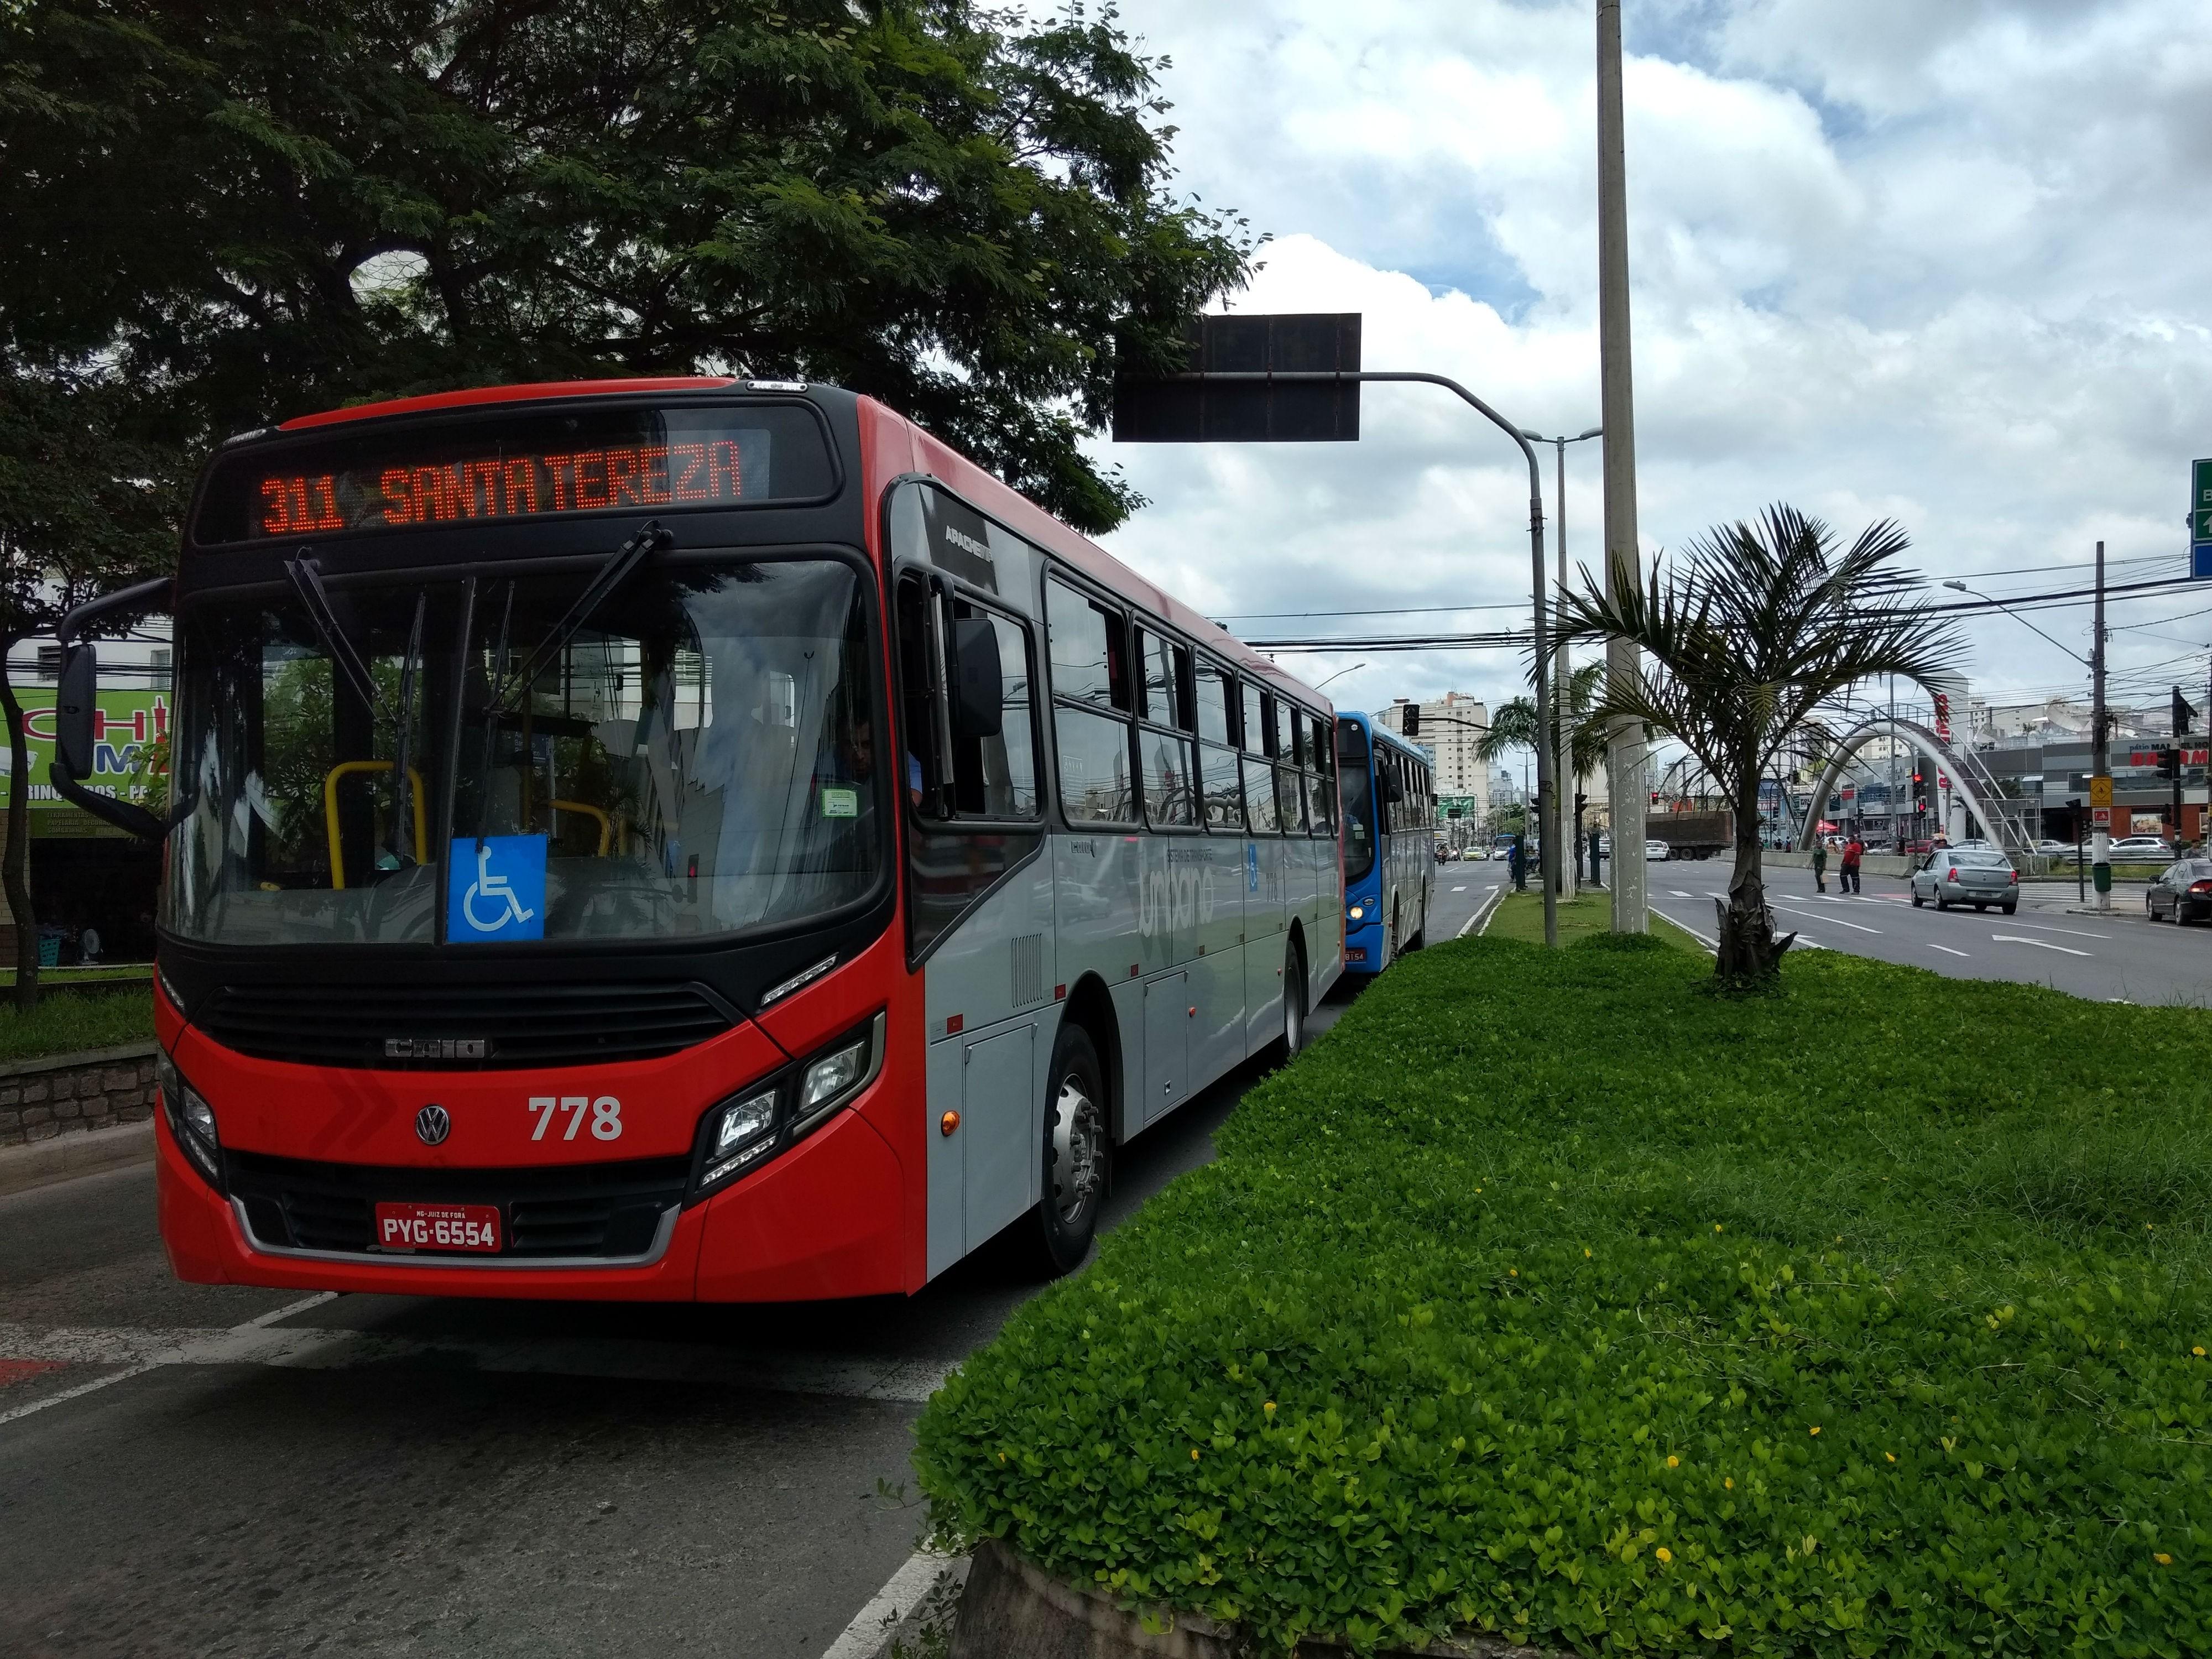 Settra anuncia aumento de linhas de ônibus a partir de segunda-feira em Juiz de Fora